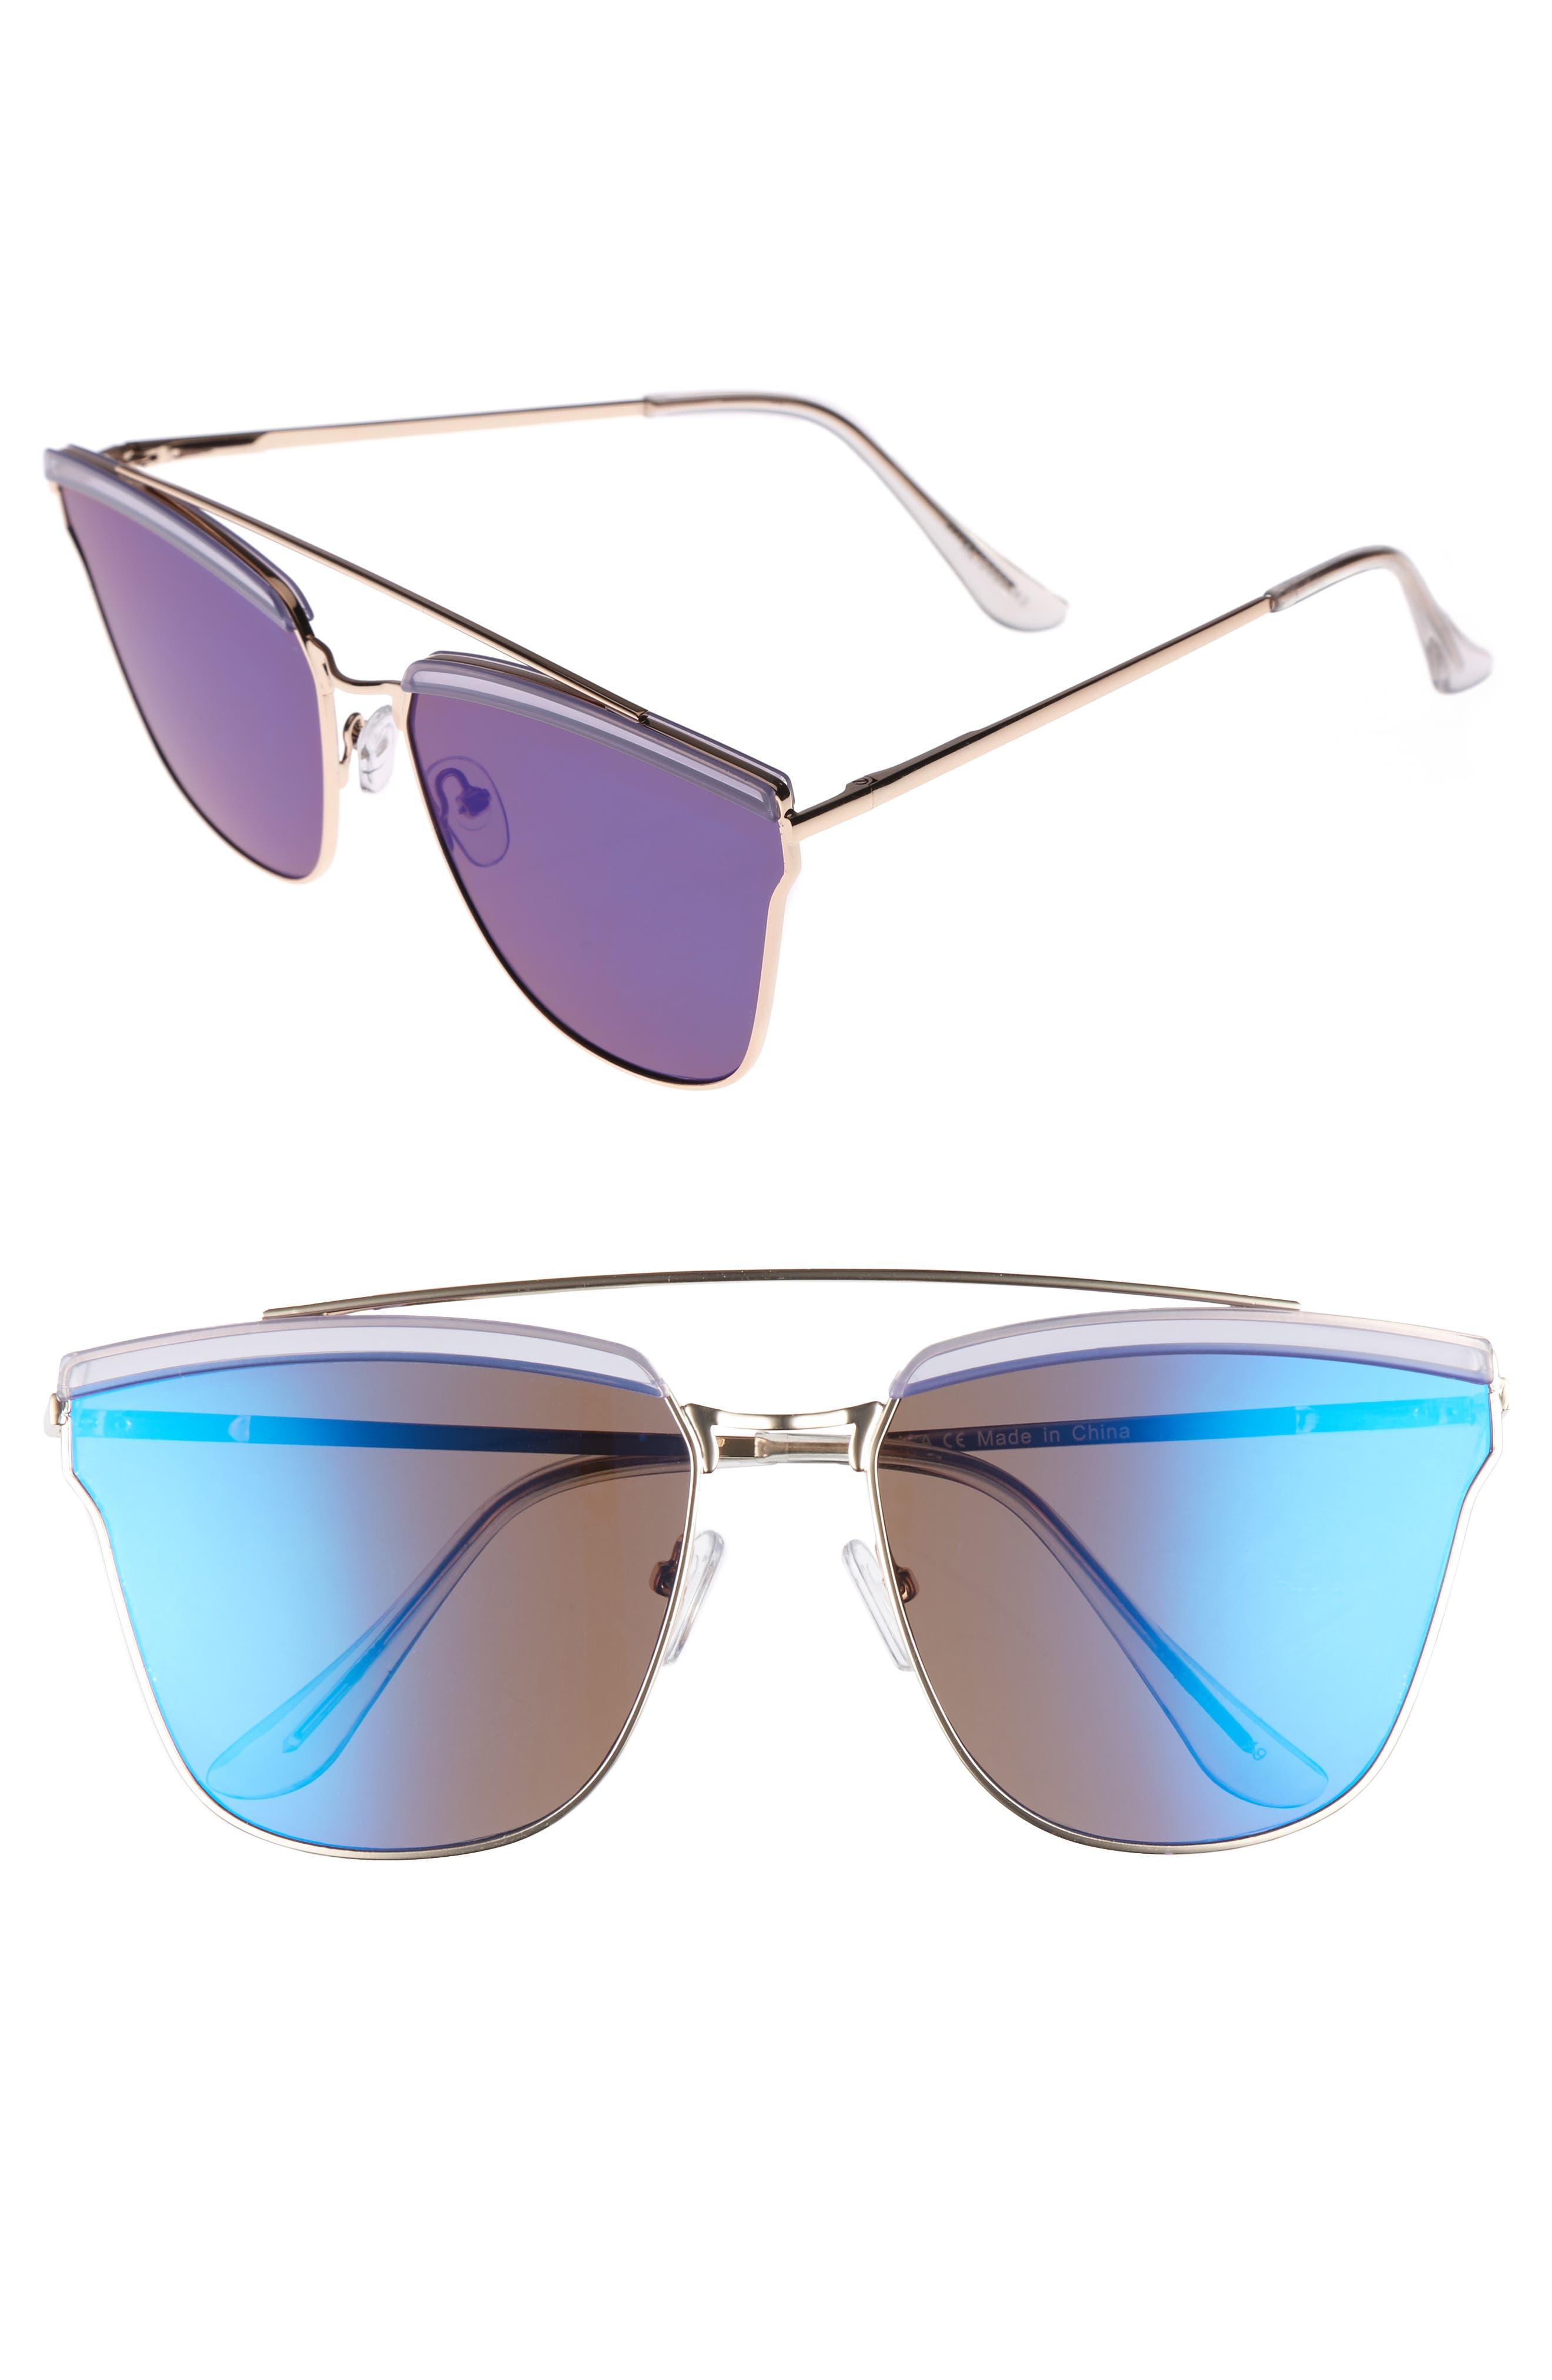 60mm Mirror Sunglasses,                         Main,                         color, 712